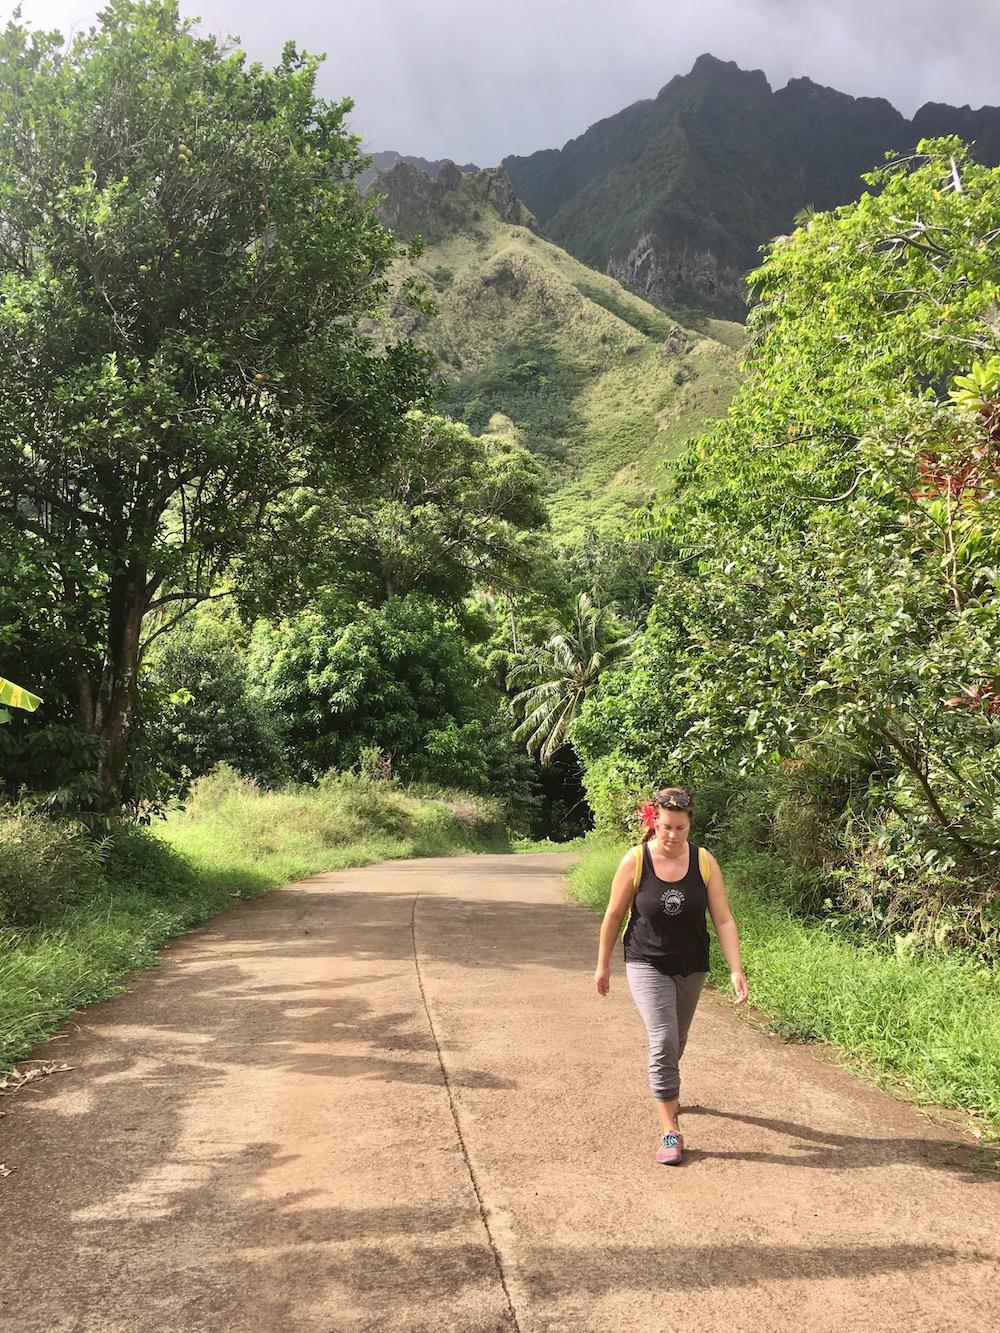 Hiking in the hills of Fatu Hiva.